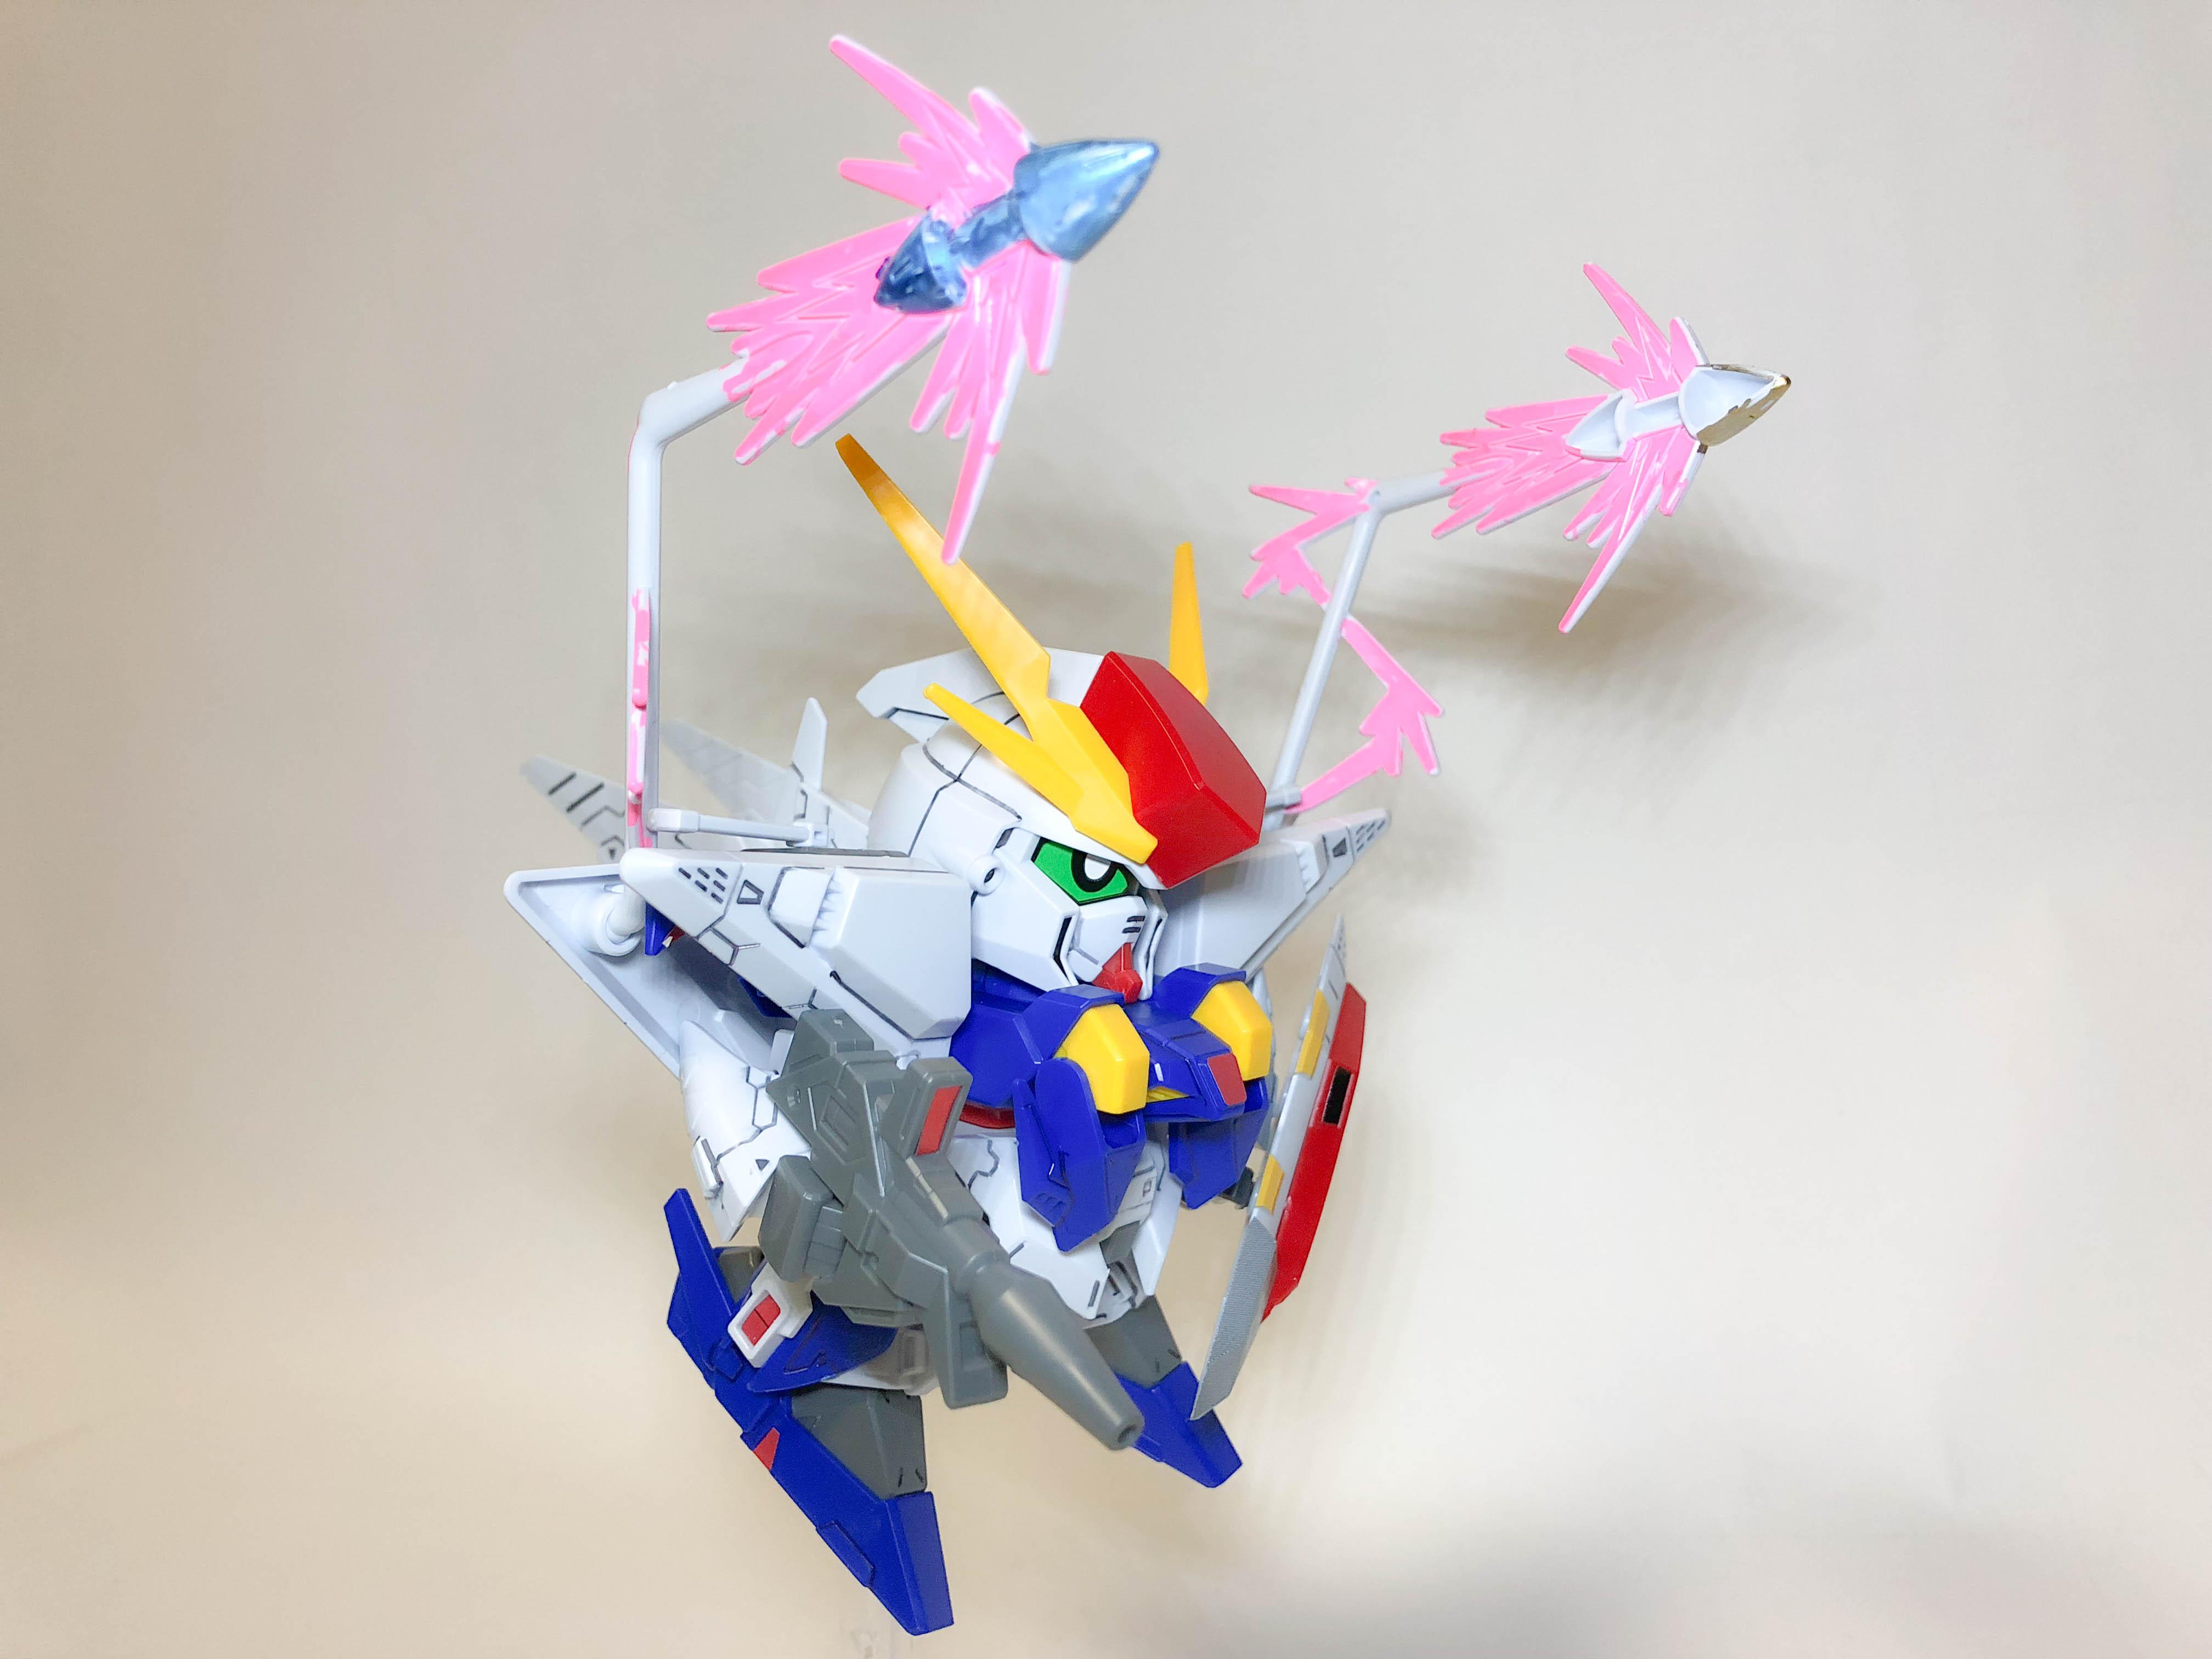 BB戦士『Ξクシィーガンダム』ガンプラレビュー&解説【閃光のハサウェイ】